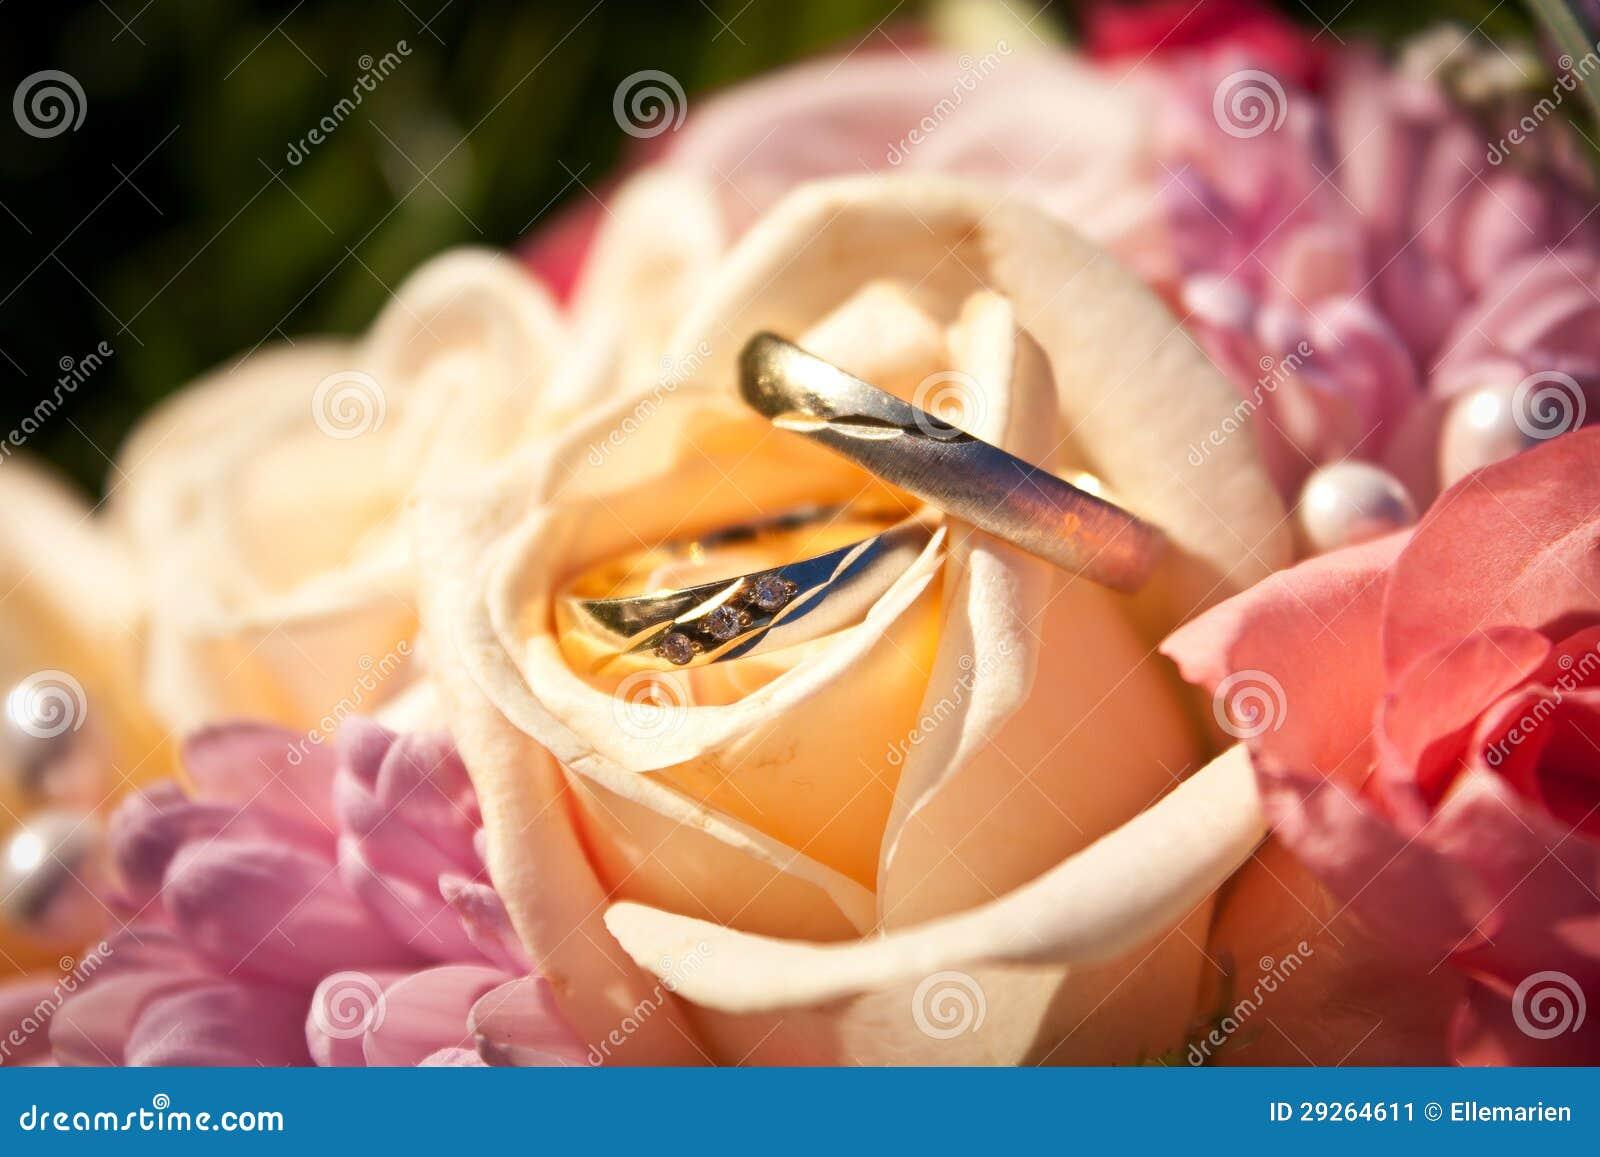 Eheringe in einem Hochzeitsblumenstrauß